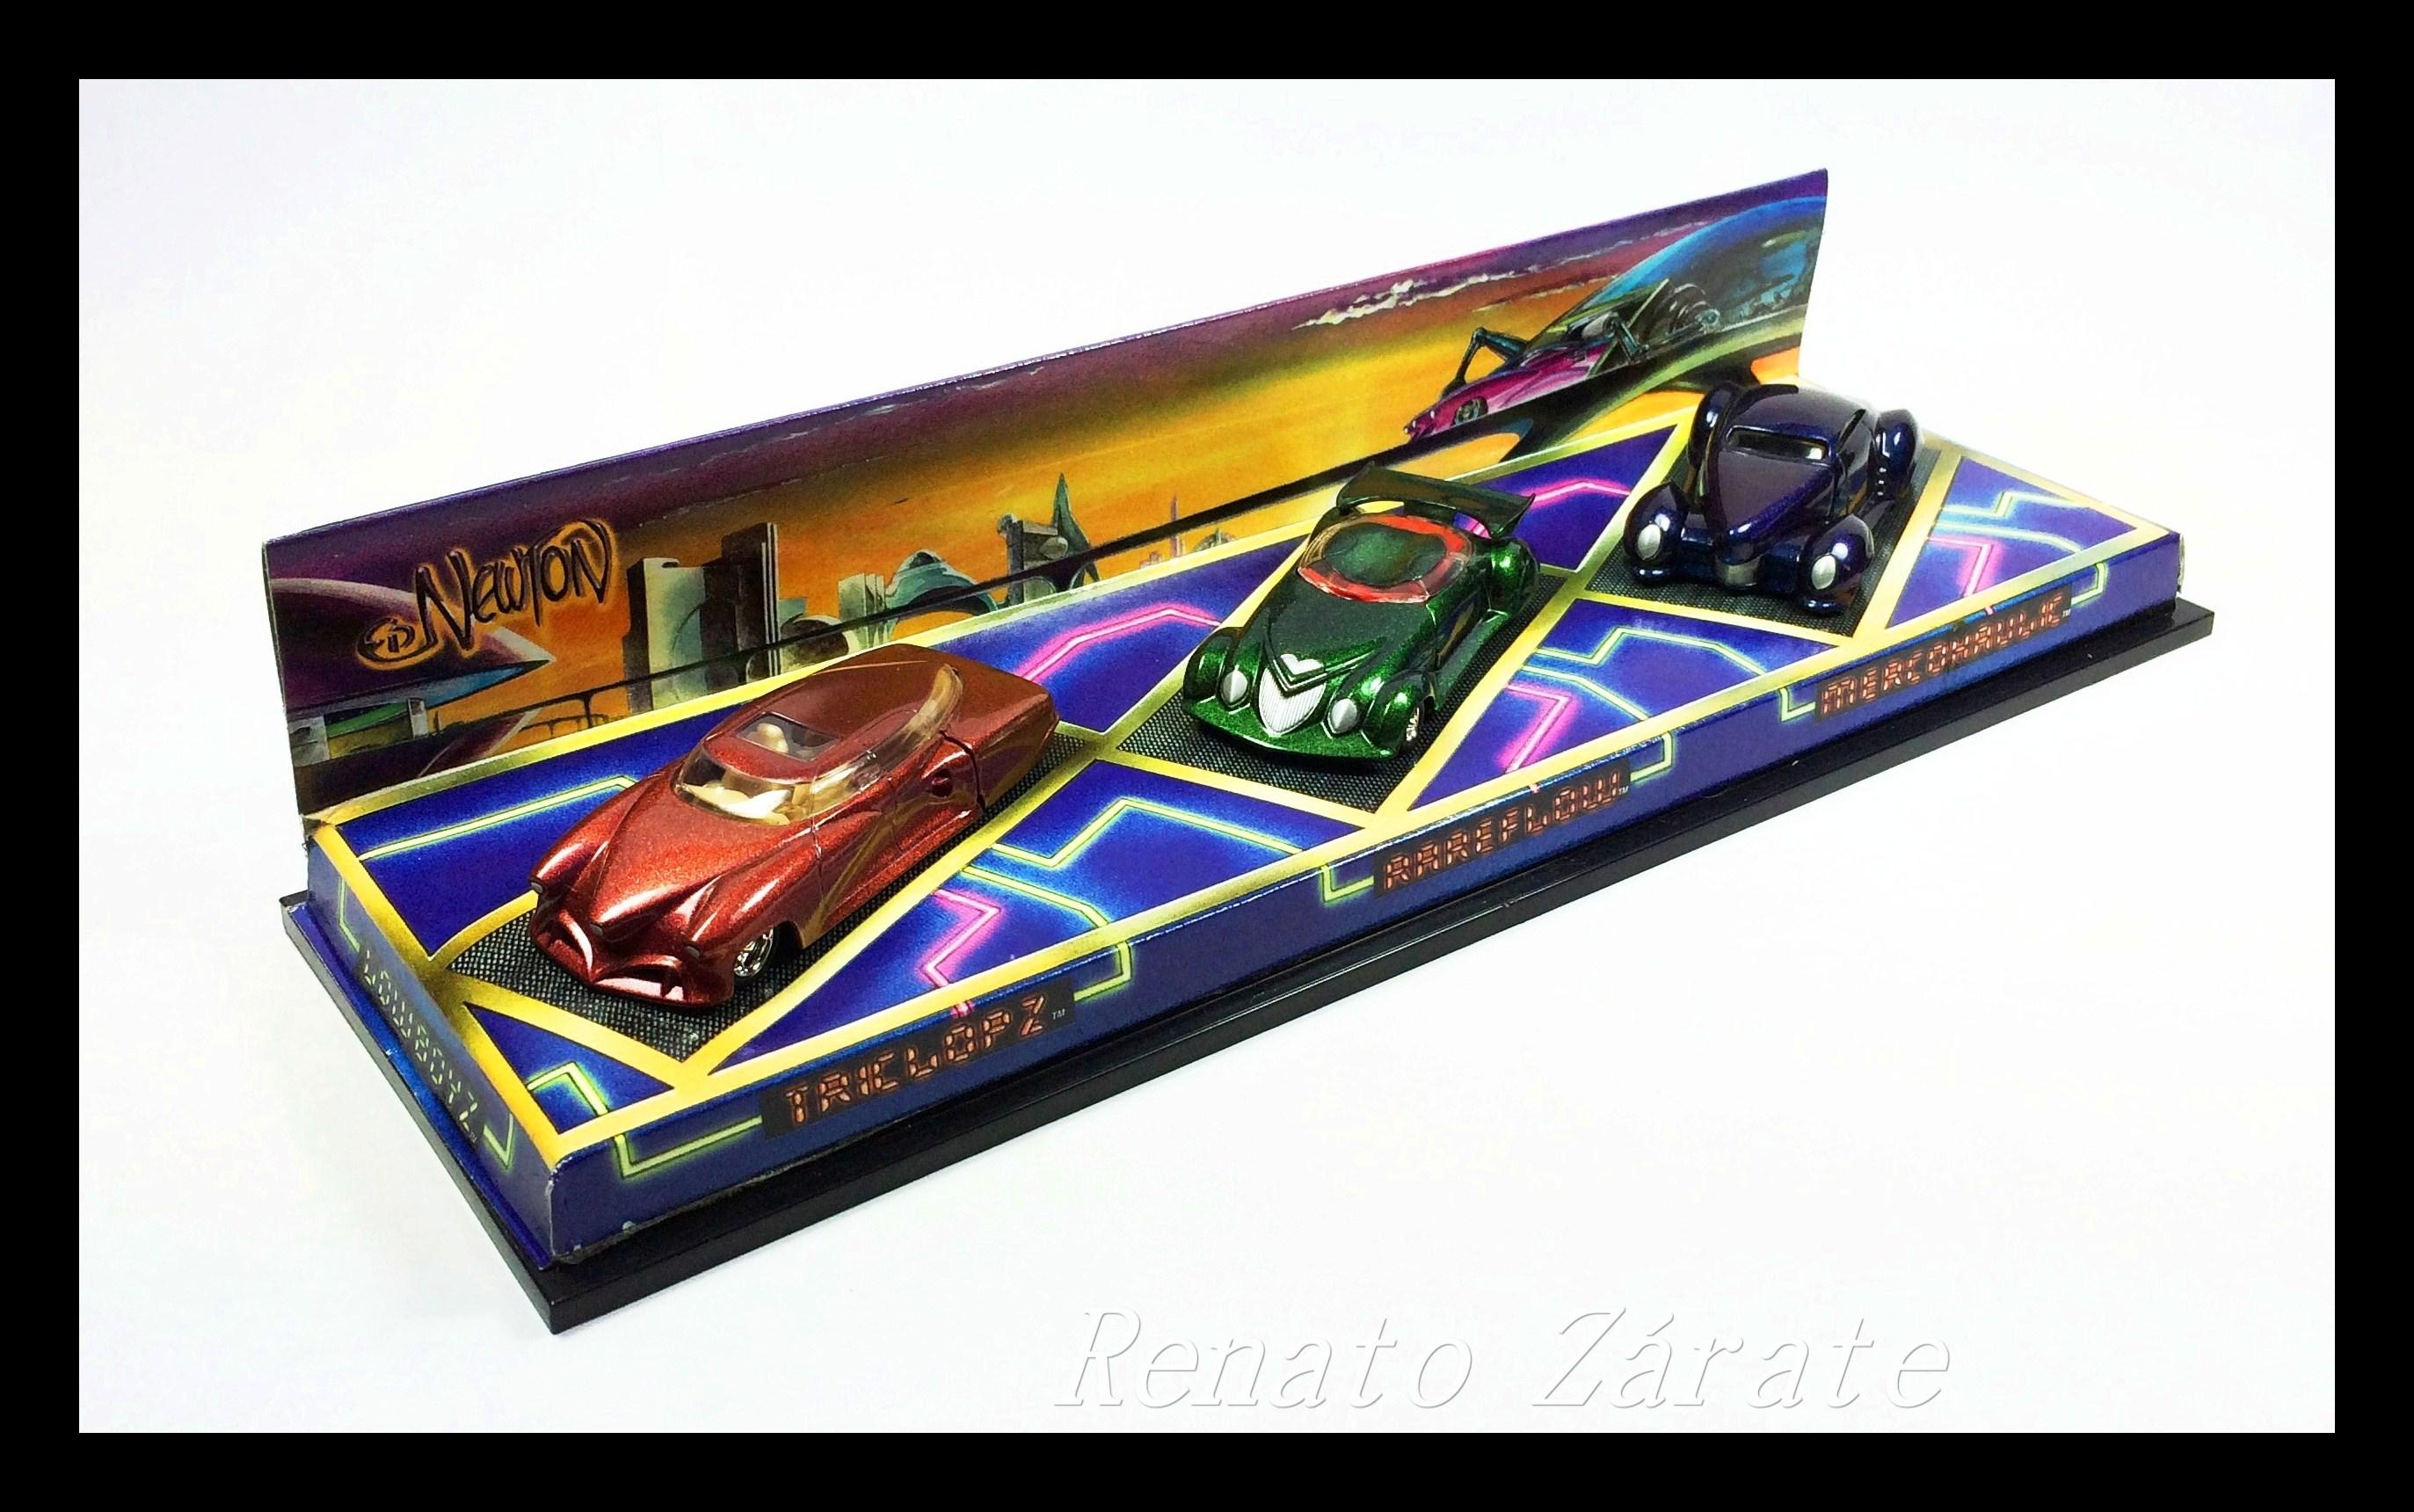 Ed Newton's Lowboyz 3-Car Set